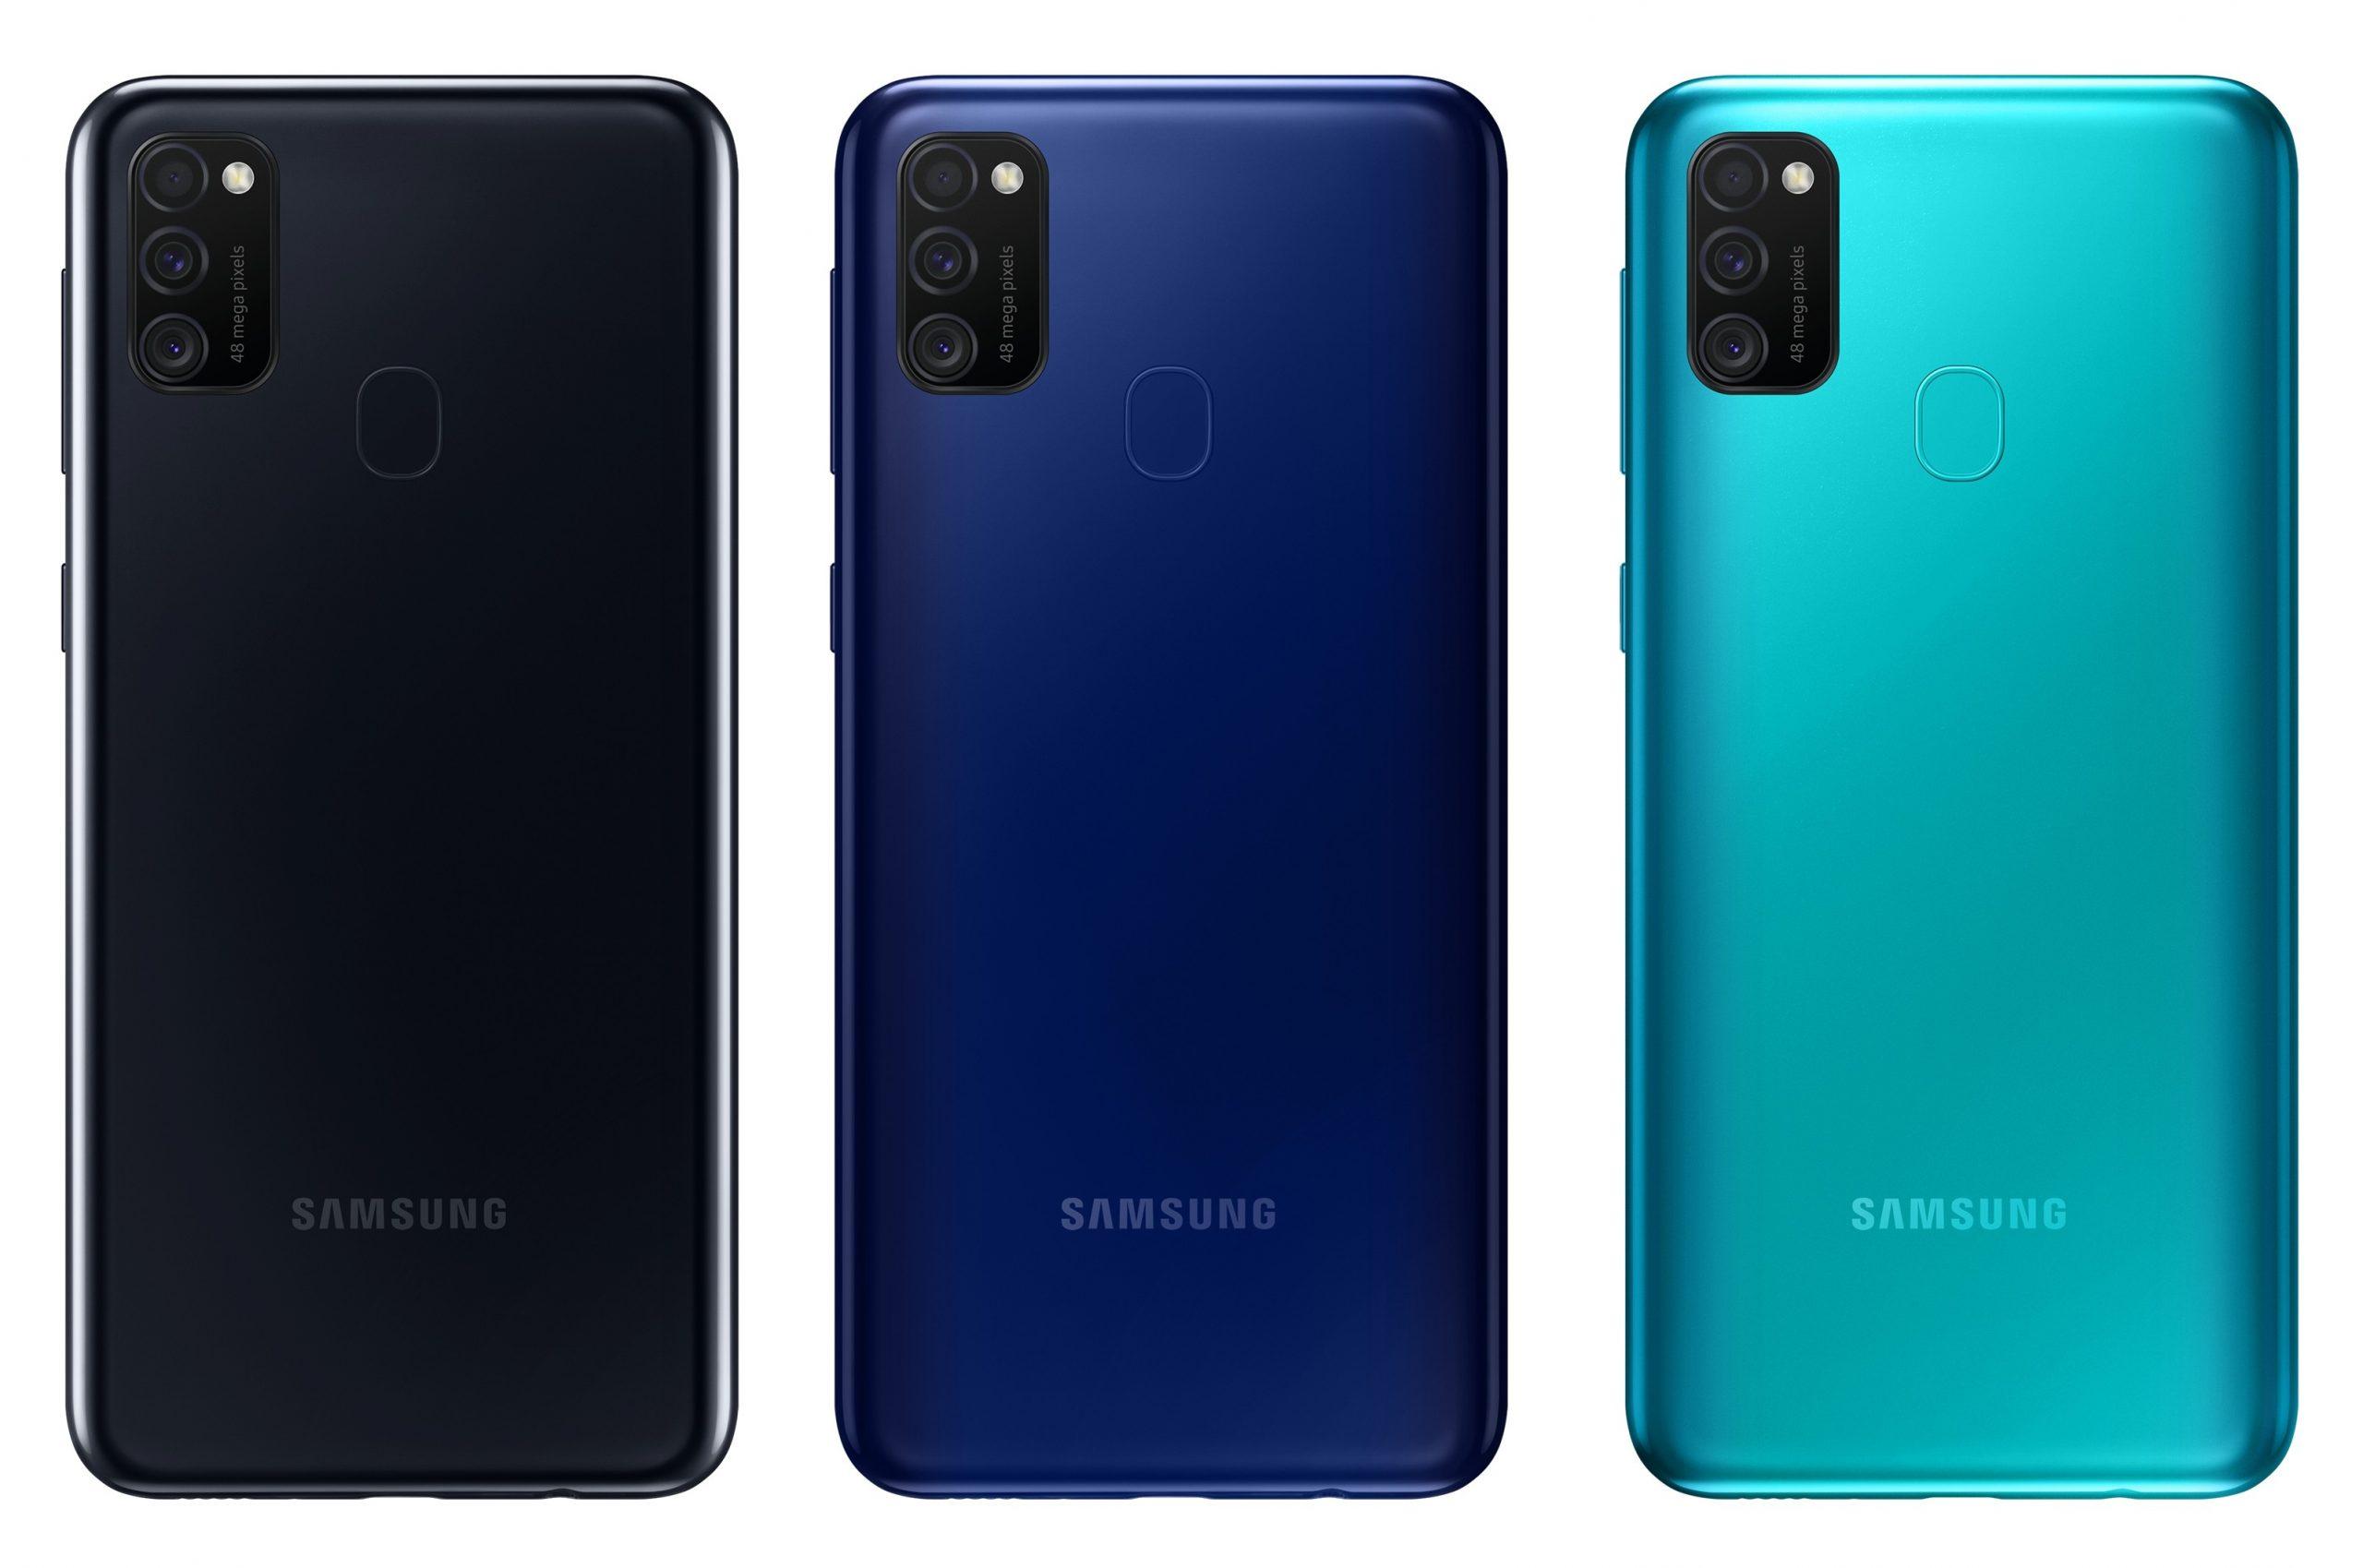 Samsung Galaxy M21 Rear Design